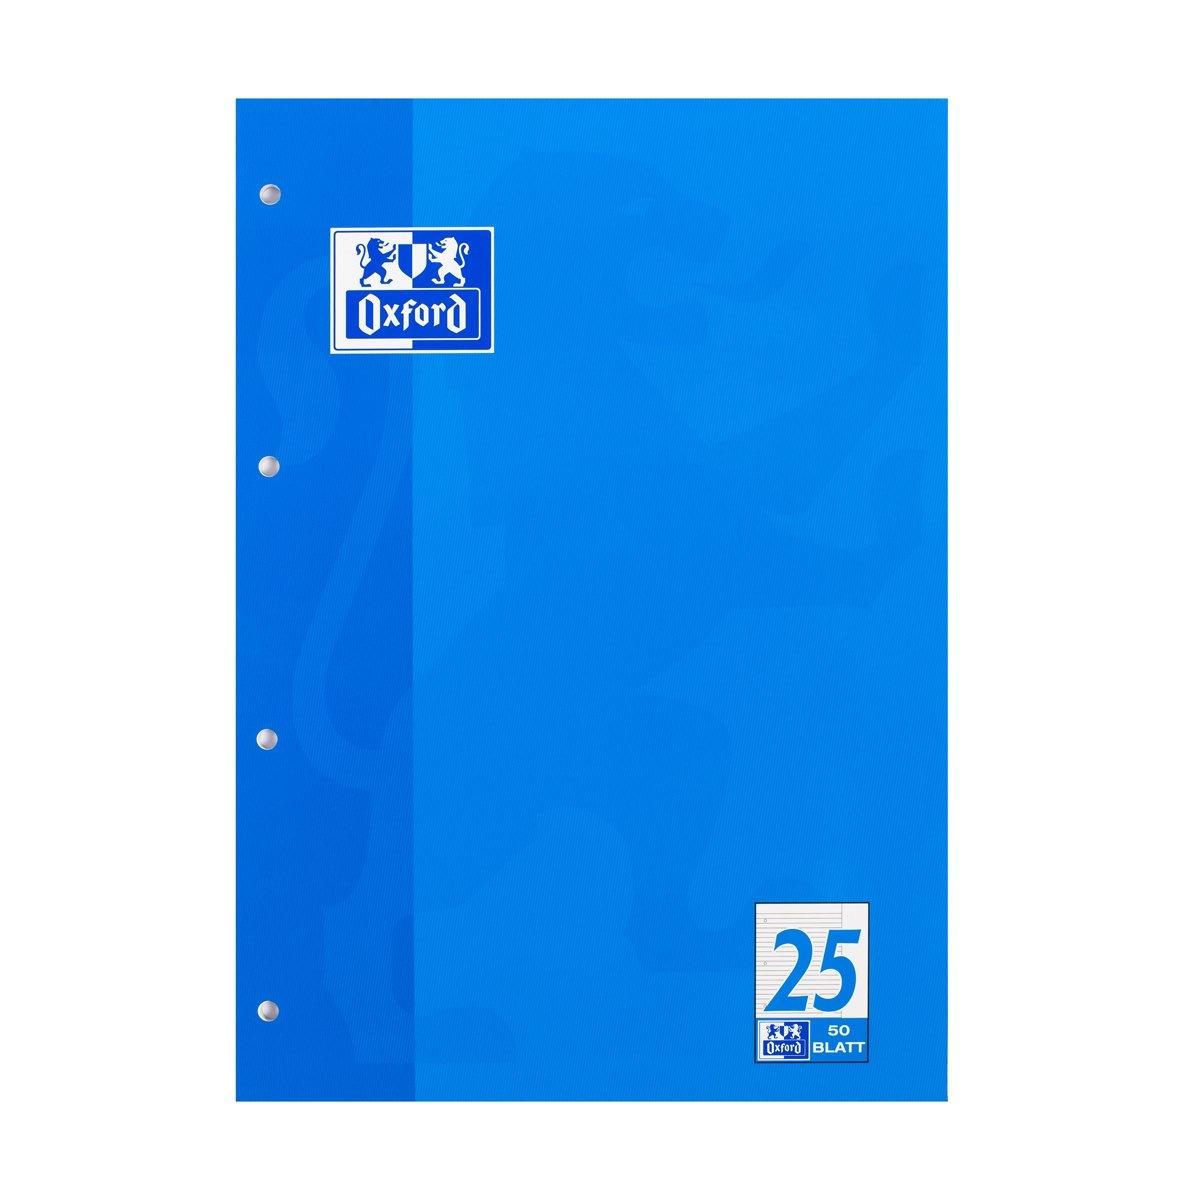 Briefblock-Schulblock A4 50Bl Lin25 liniert Rand Oxford 384405025 und 100050350, Verpackungseinheit: 10 Stück EK-Welt